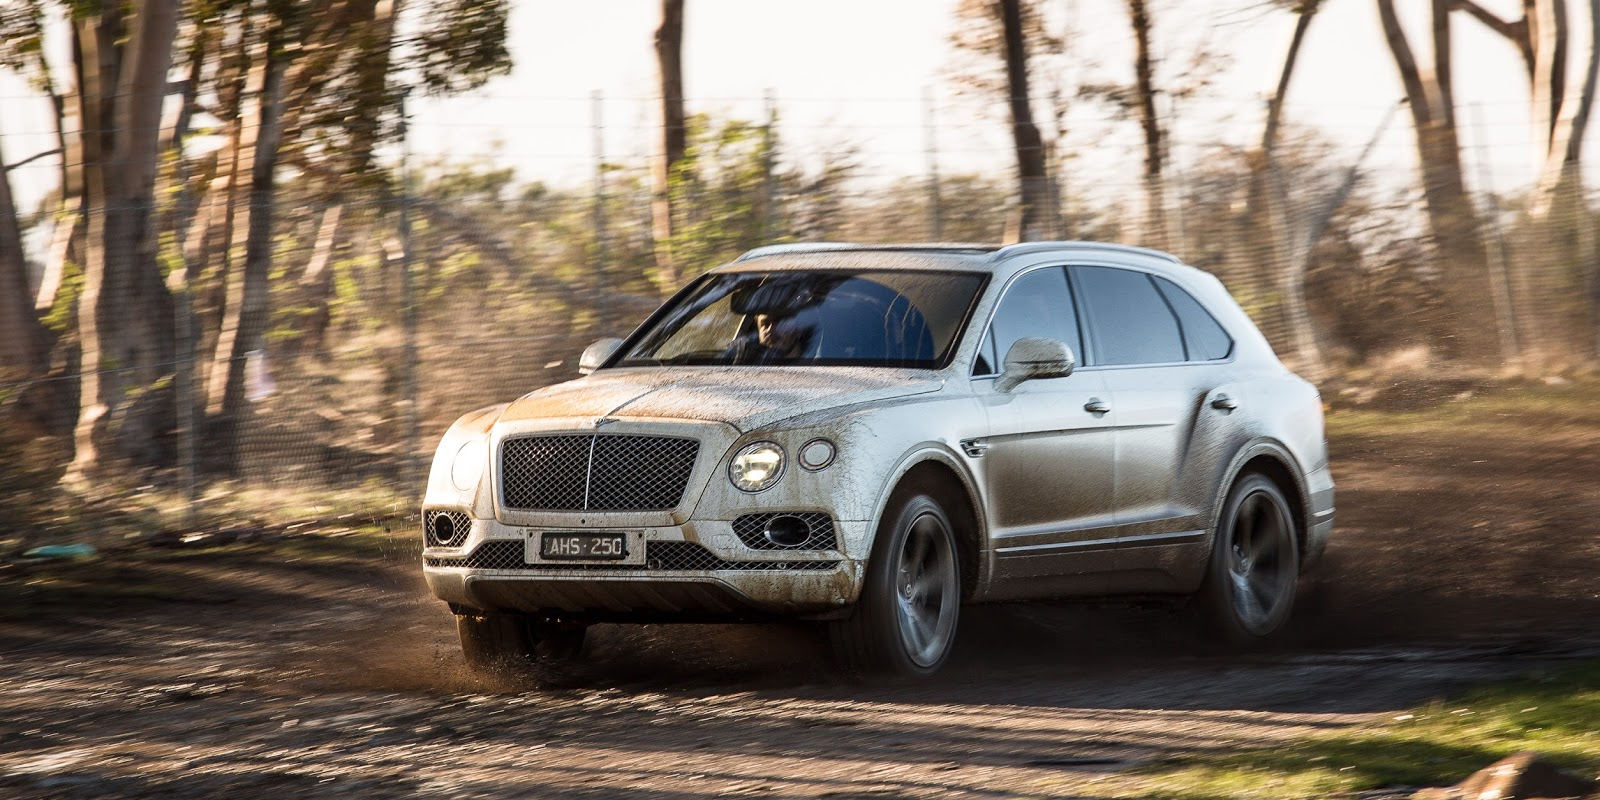 Chưa bao giờ chúng ta nghĩ rẵng những chiếc Bentley có thể làm được điều như vậy